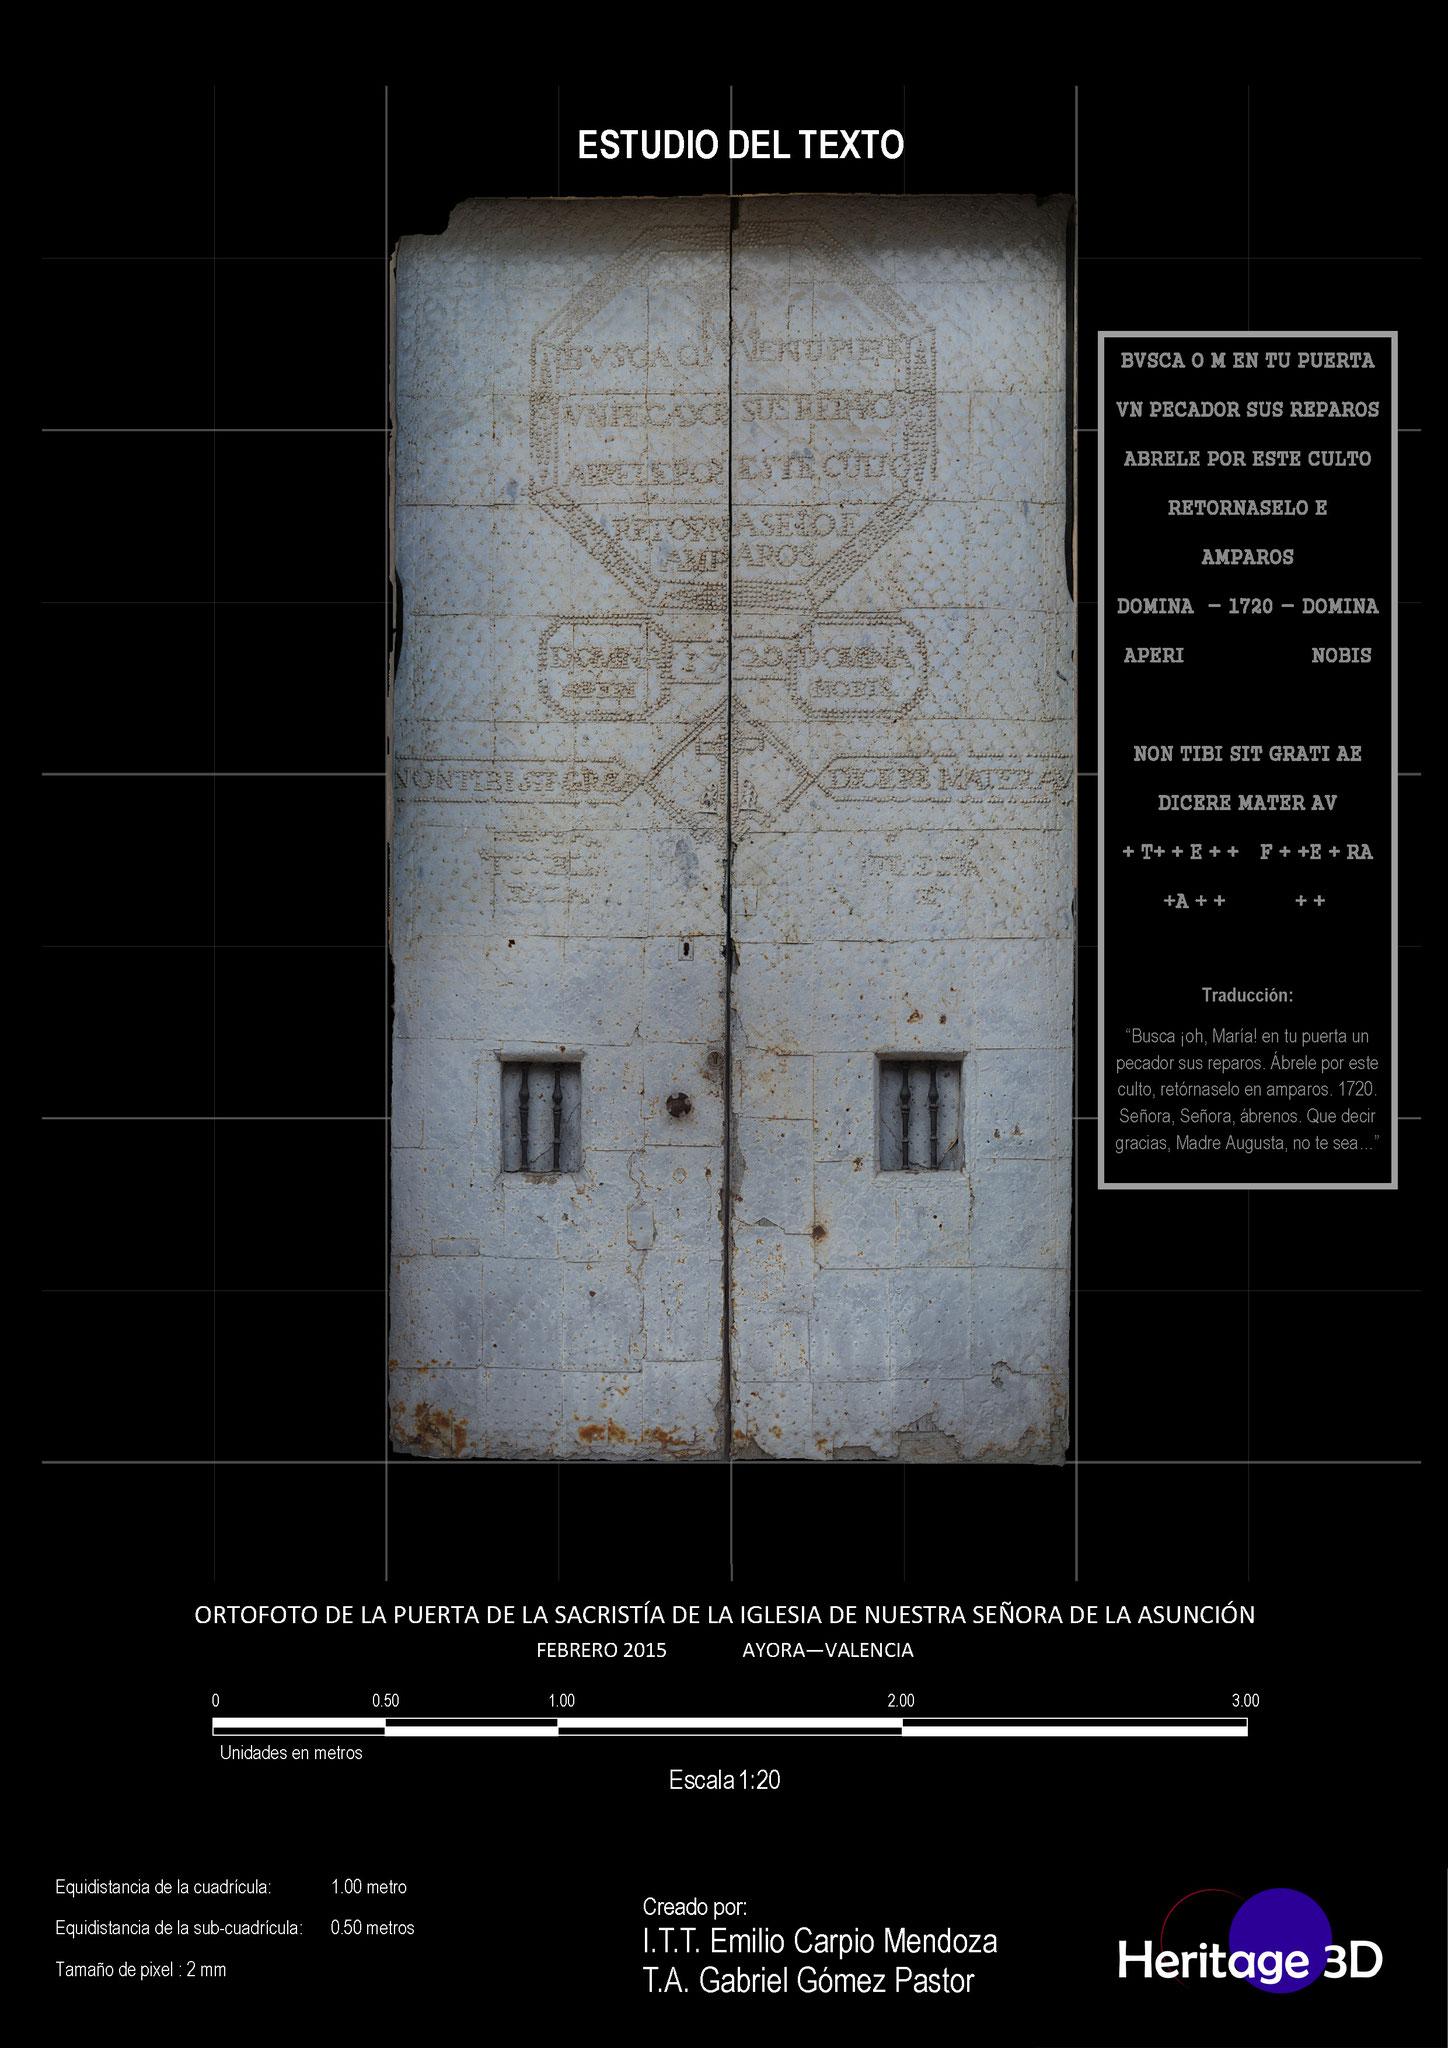 Texto de la puerta de entrada a la sacristía de Iglesia de la Virgen de la Asunción